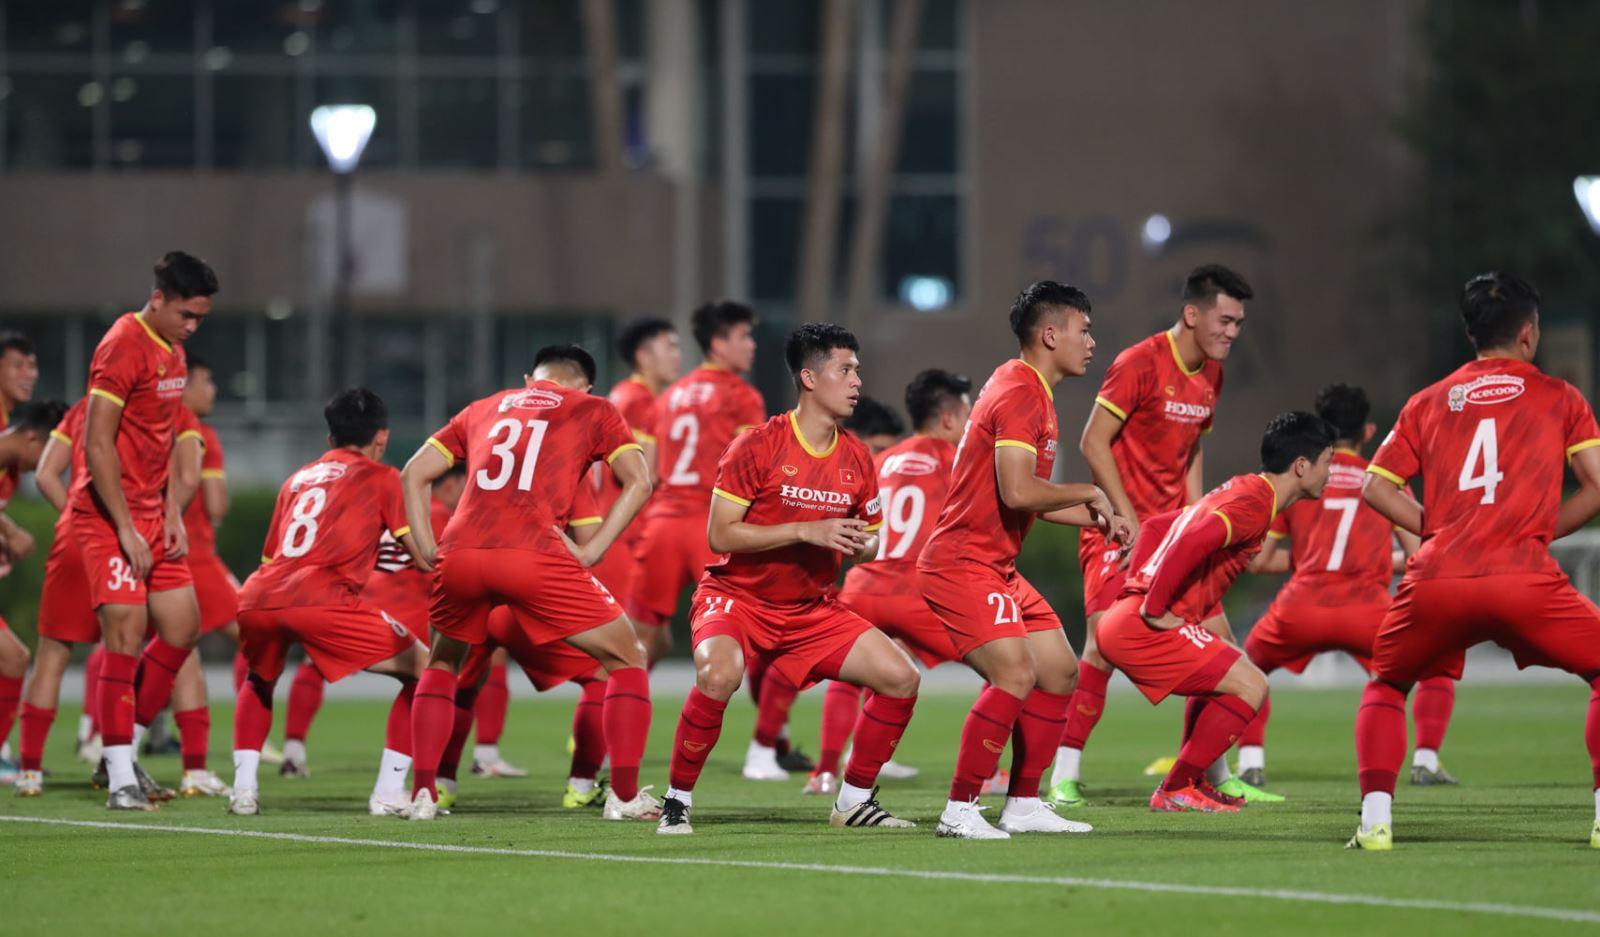 Lịch thi đấu bóng đá Việt Nam. VTV6 trực tiếp vòng loại World Cup 2022 bảng G